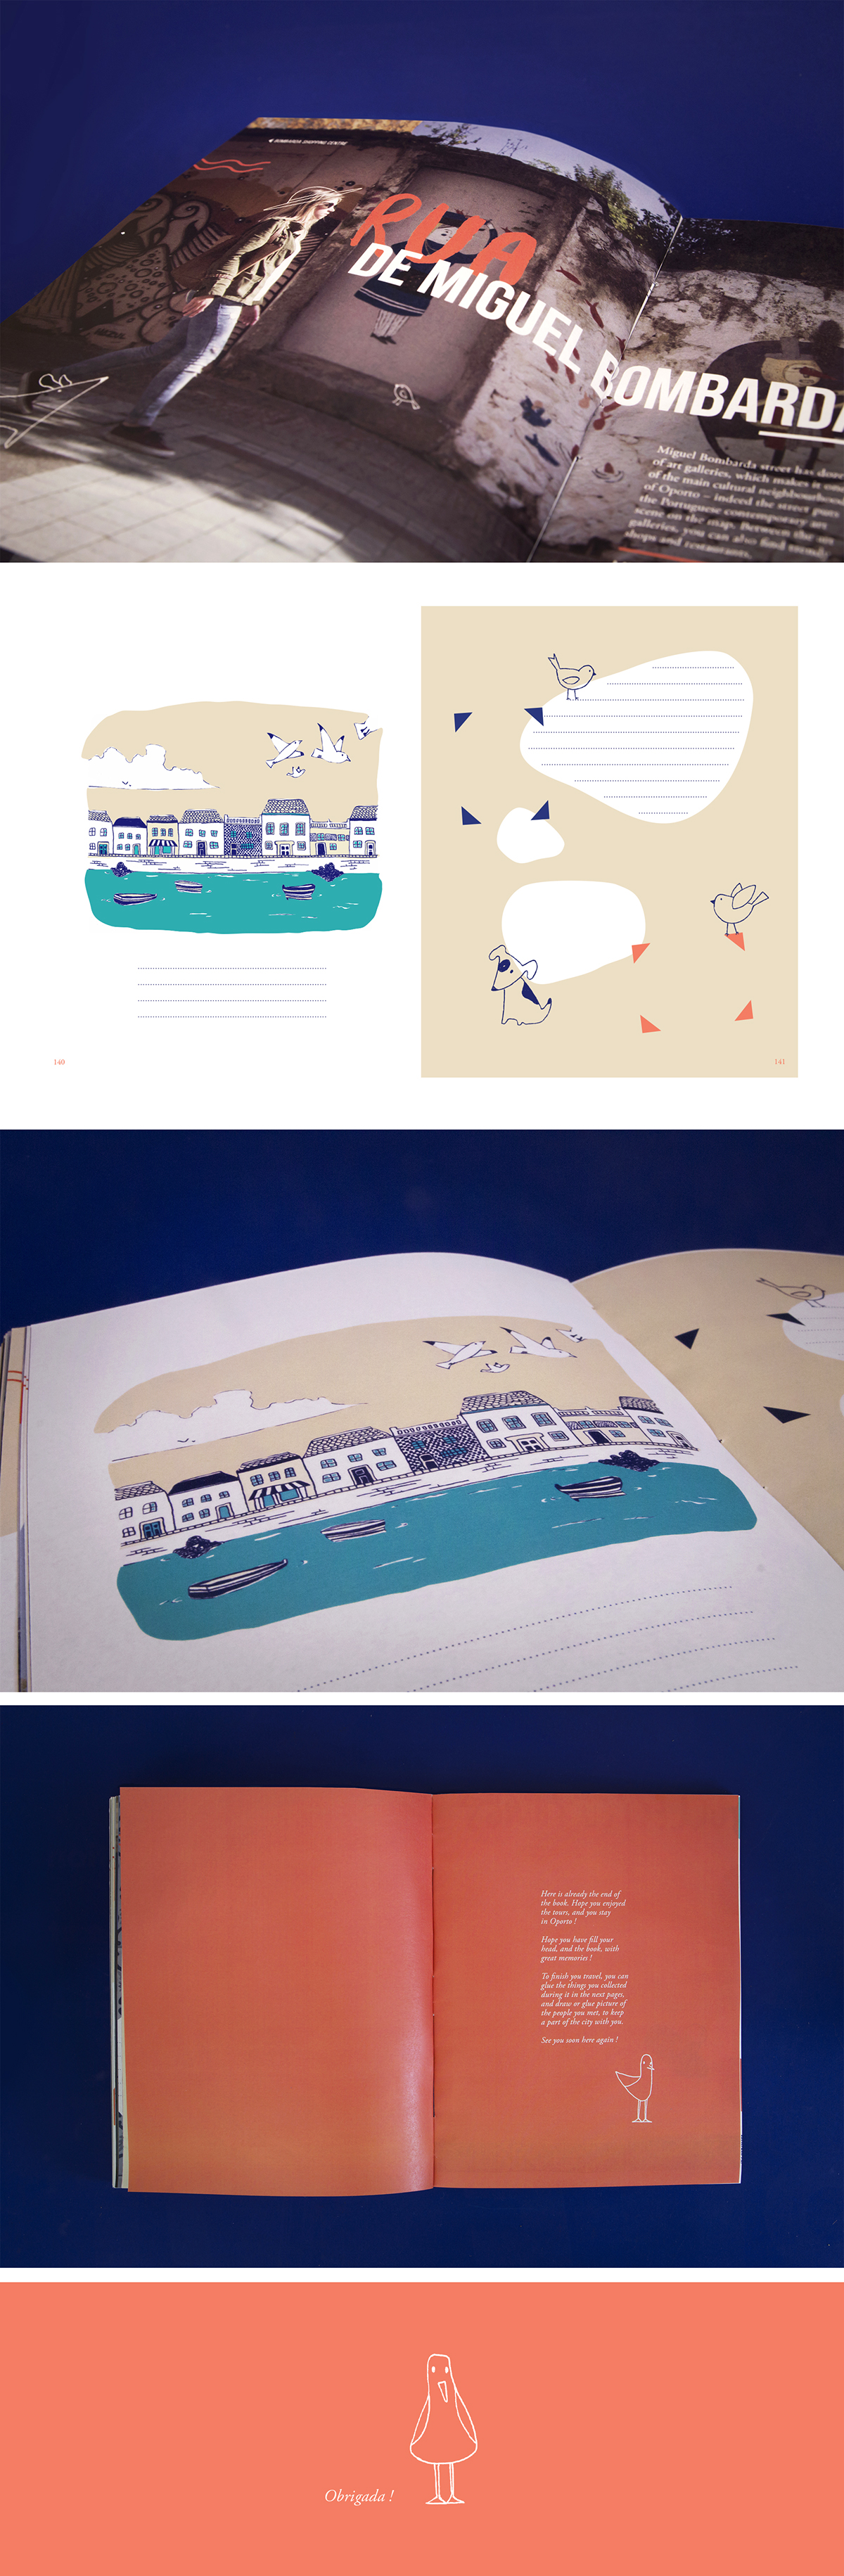 book Oporto porto City Guide Travel Travel book Portugal explore Layout journey